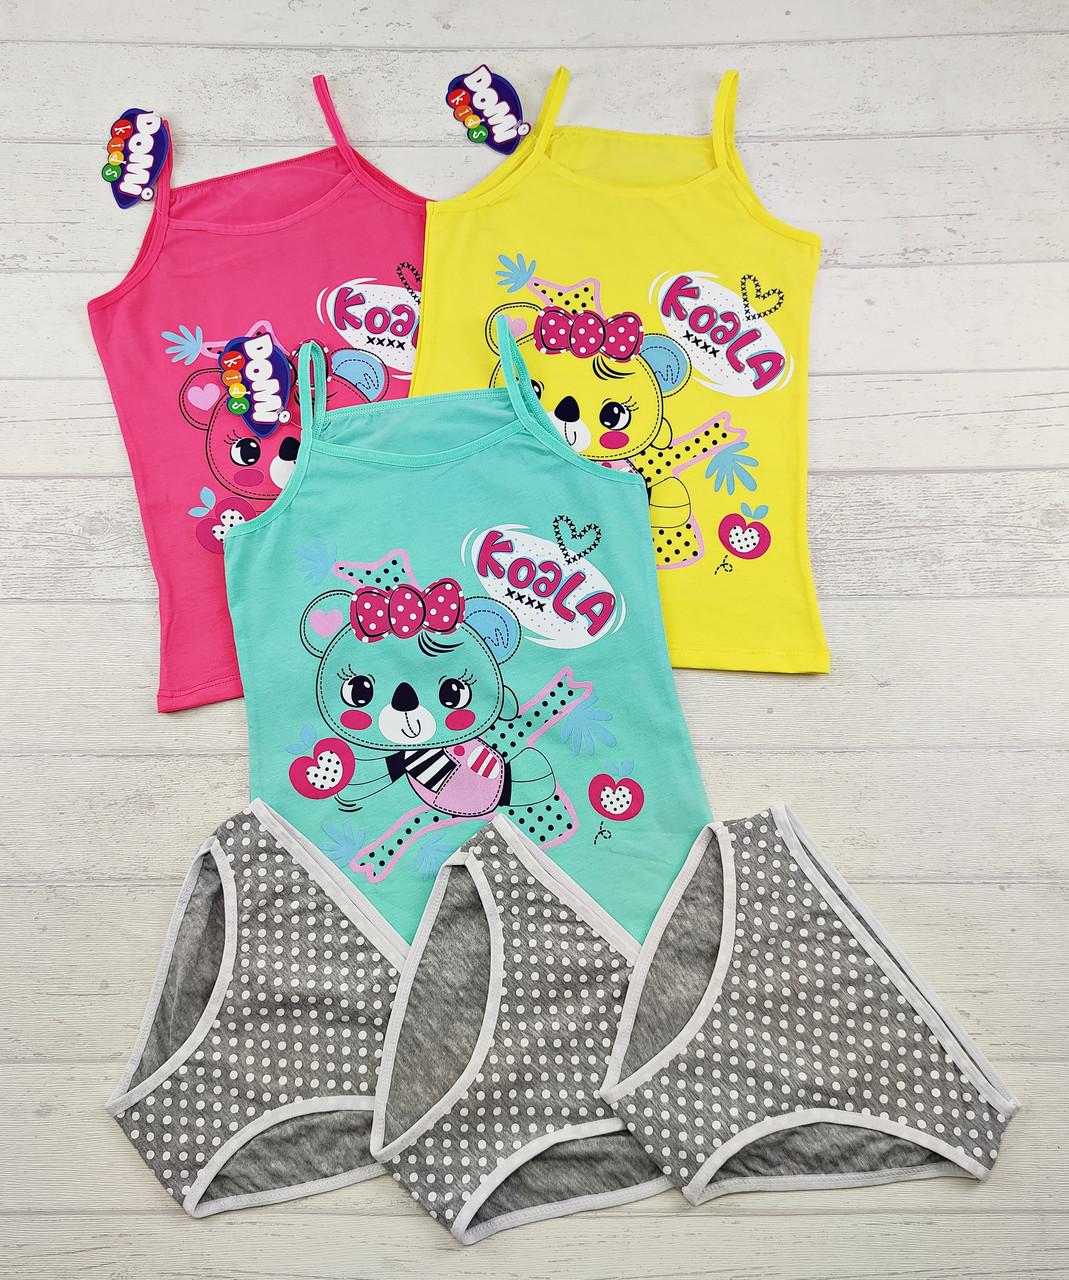 Комплект детского нижнего белья майка и трусики для девочек 4-5 лет